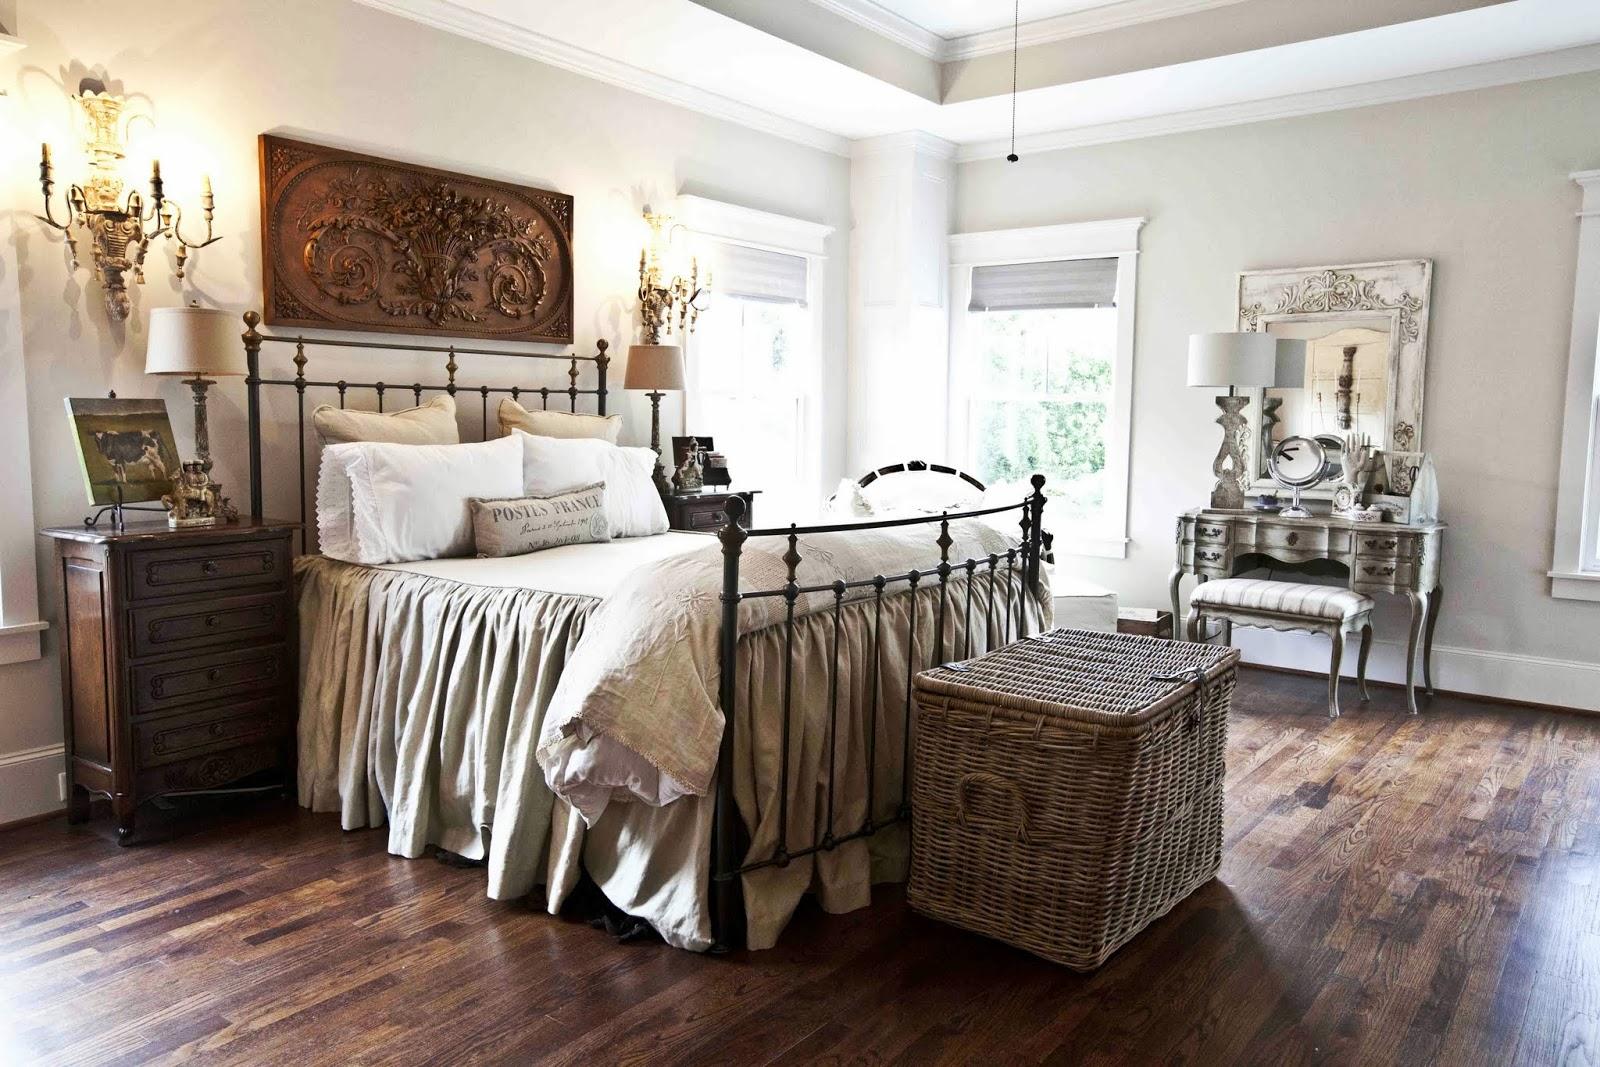 Finally!!! The New House - My bedroom - Cedar Hill Farmhouse on Bedroom Farmhouse Decor  id=40293